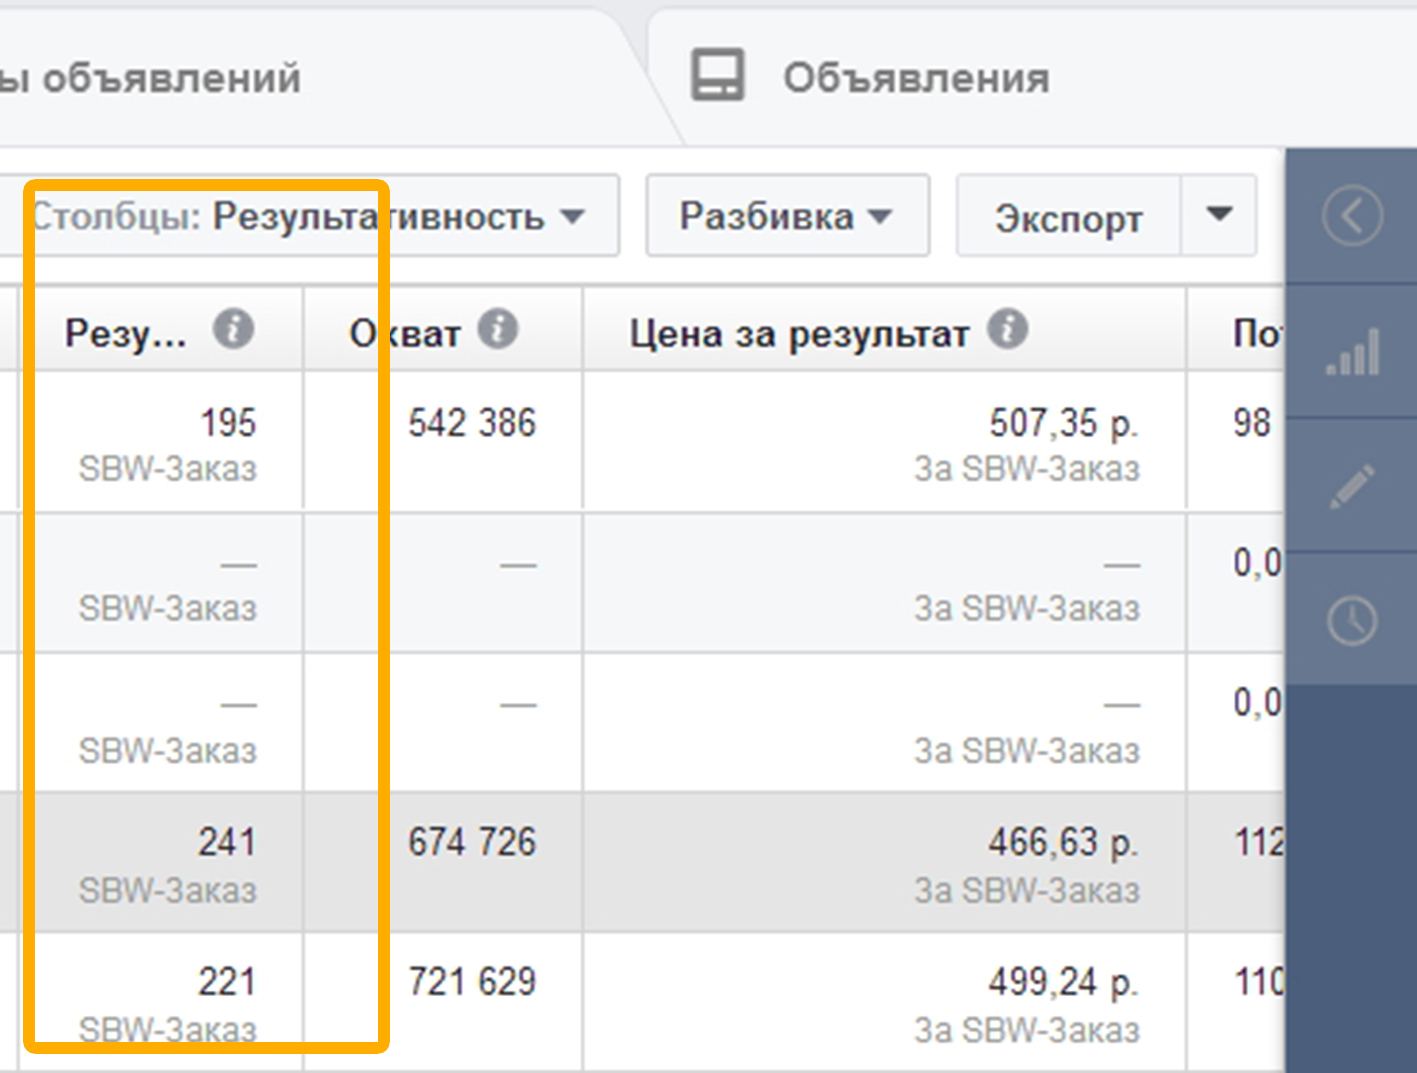 Вариант отчета, со статистикой по количеству полученных конверсий, созданный в менеджере рекламы Фейсбук, для оценки стоимости продажи.